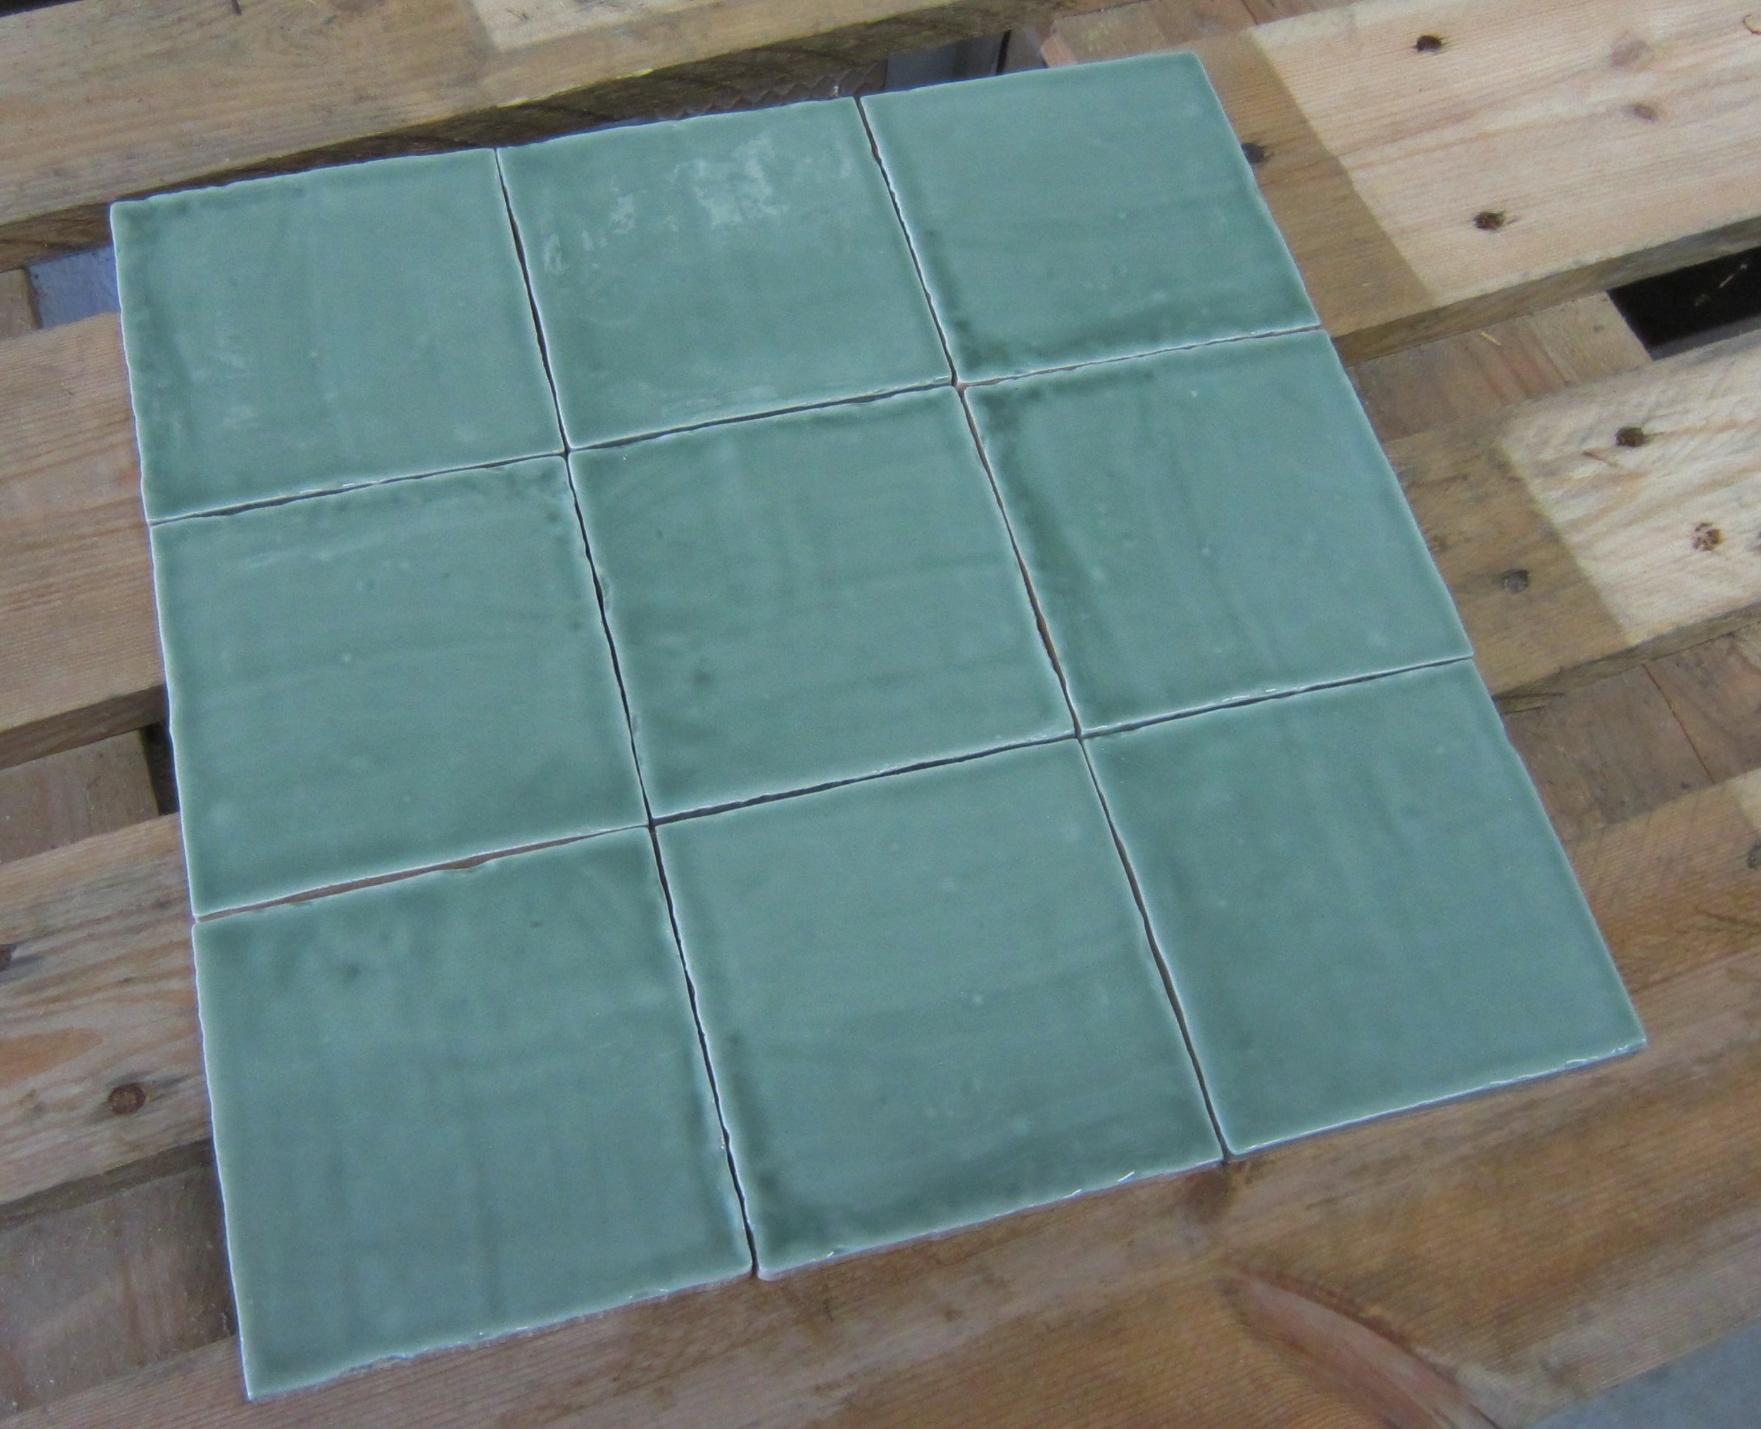 Groen Tegels Outlet : Witjes appel groen glans webshop vloertegeloutlet